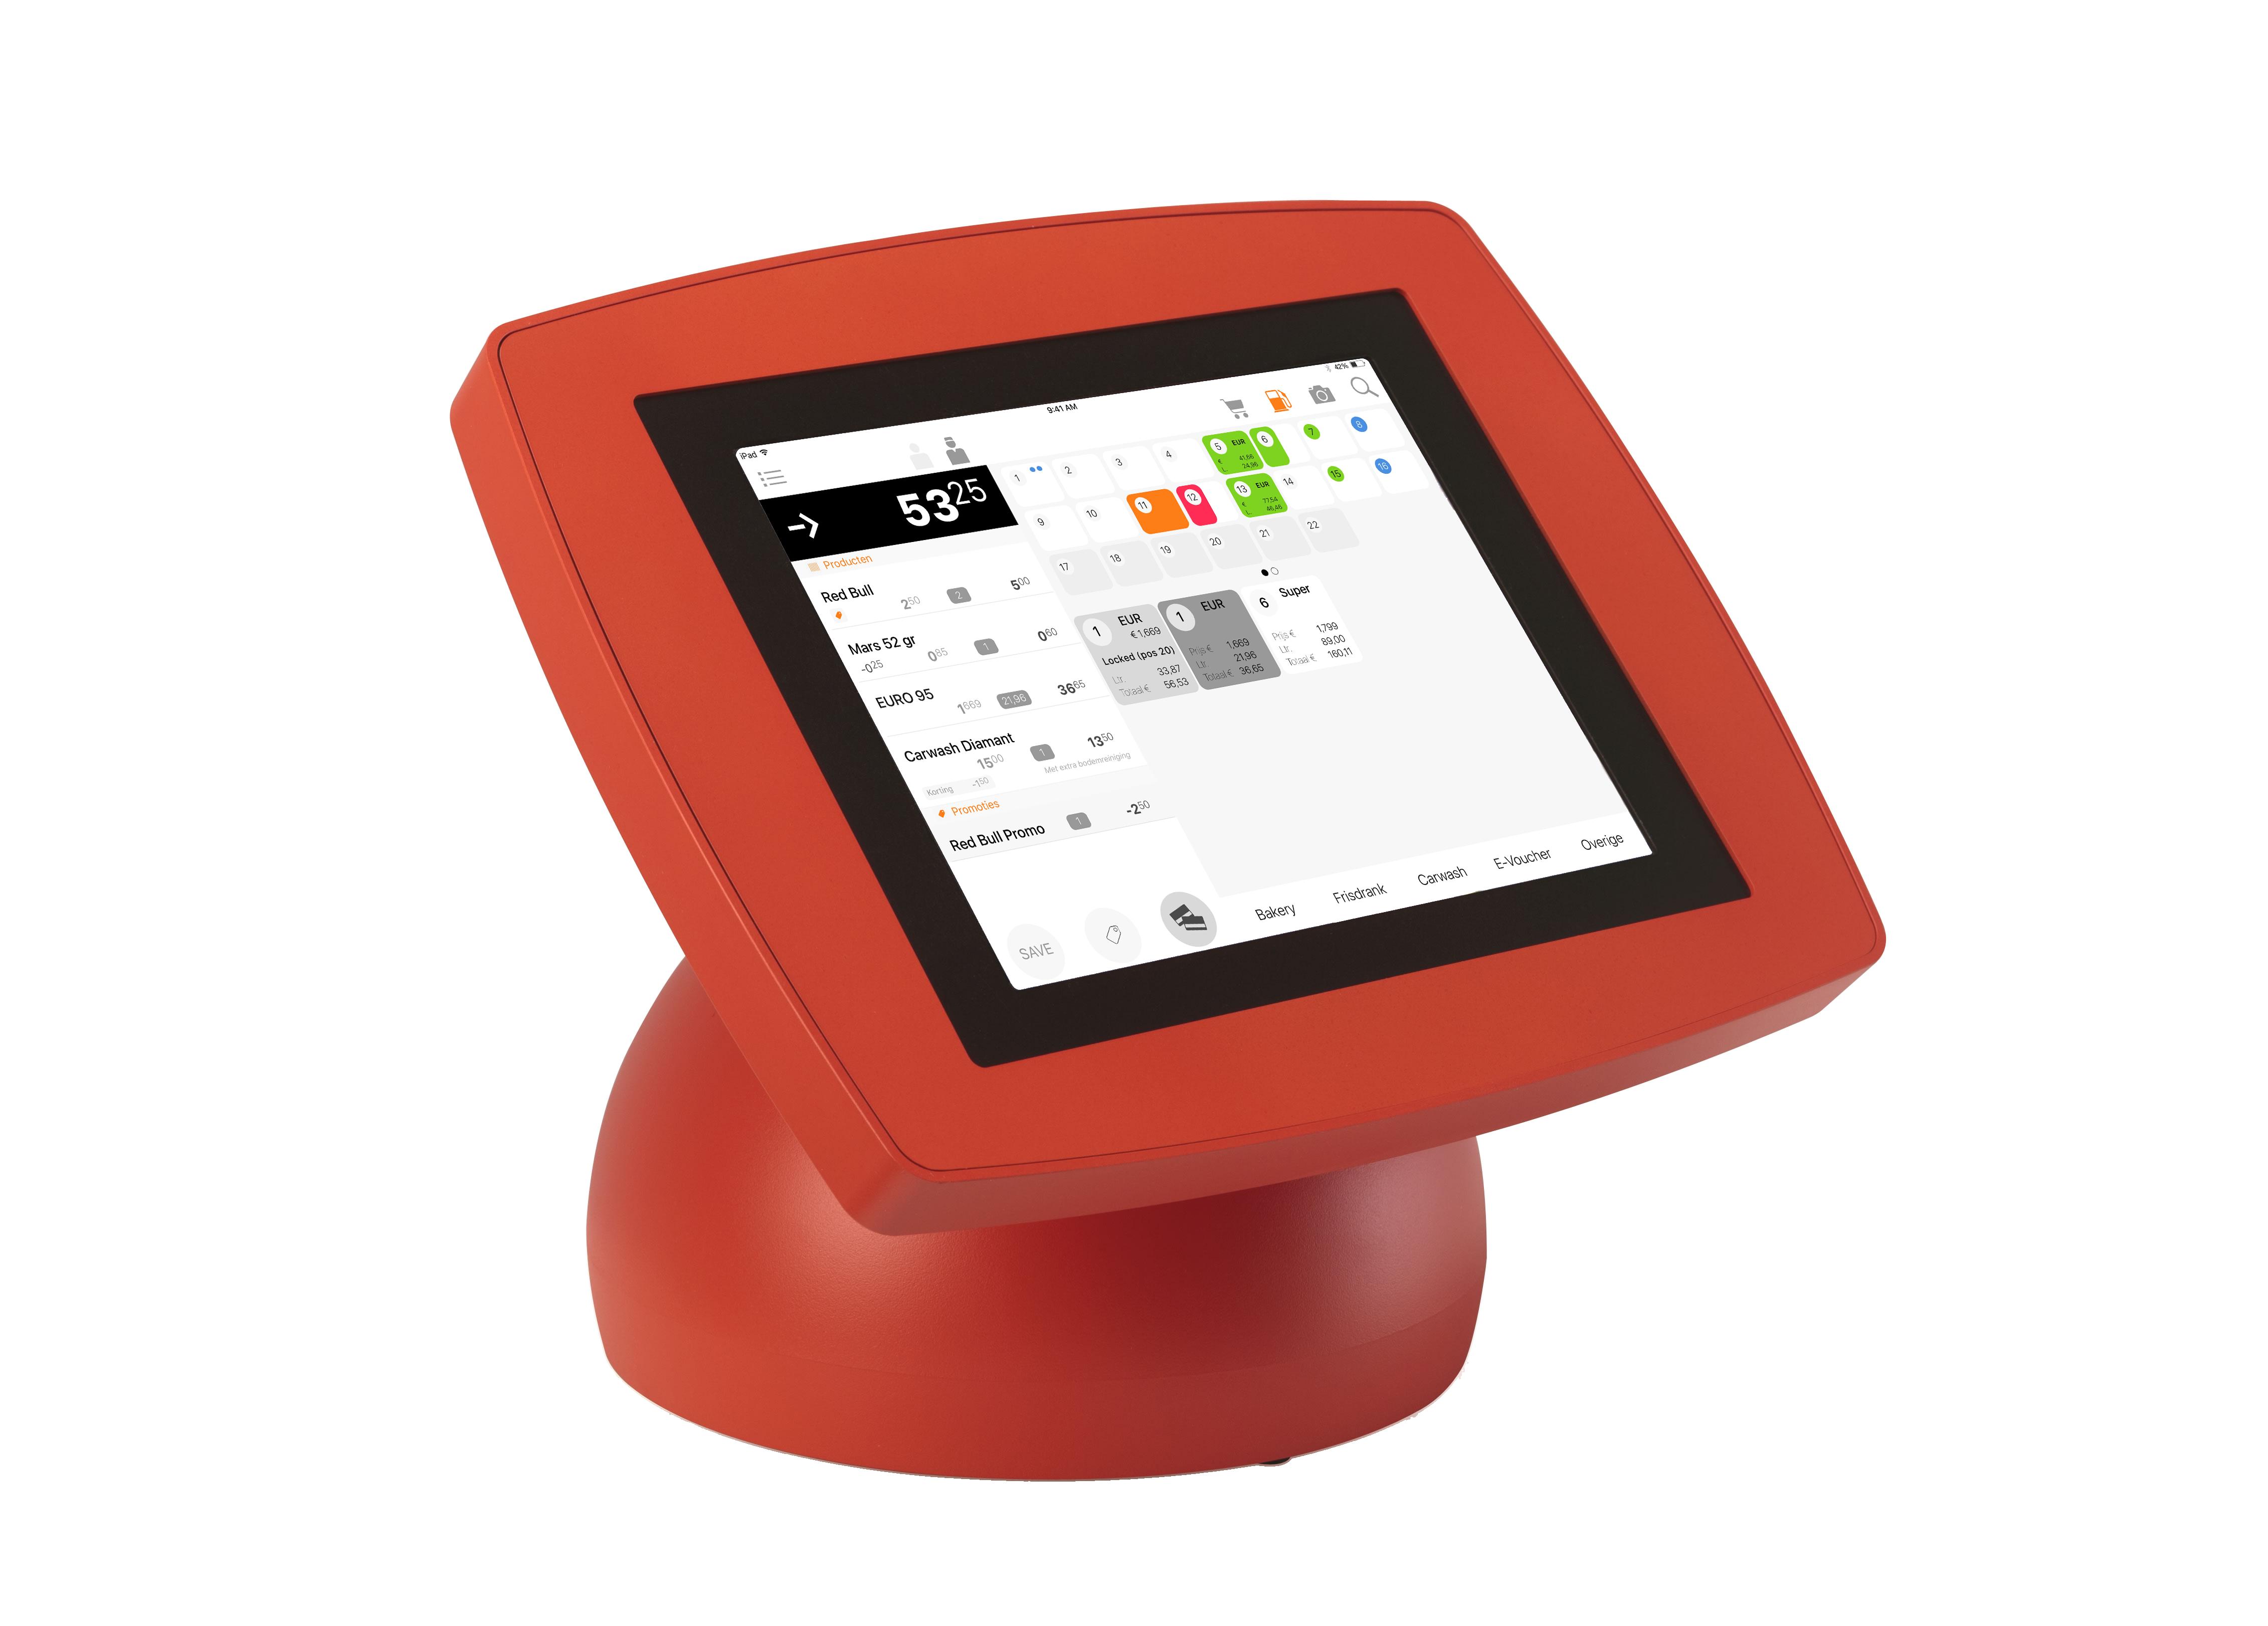 iPad kassa voor petrol in rode houder